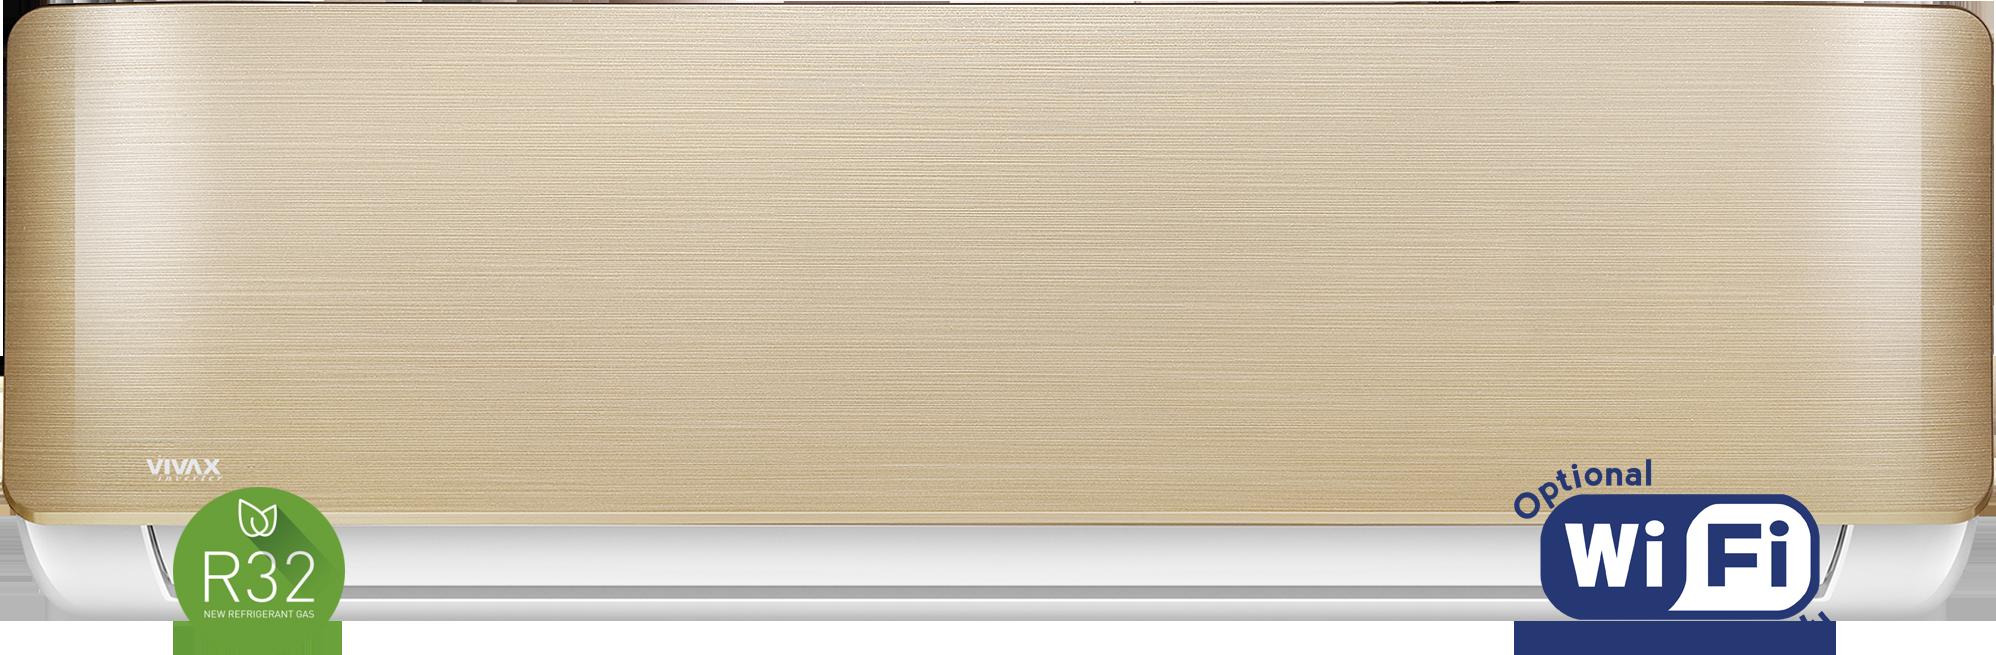 ACP-12CH35AERI R32 GOLD